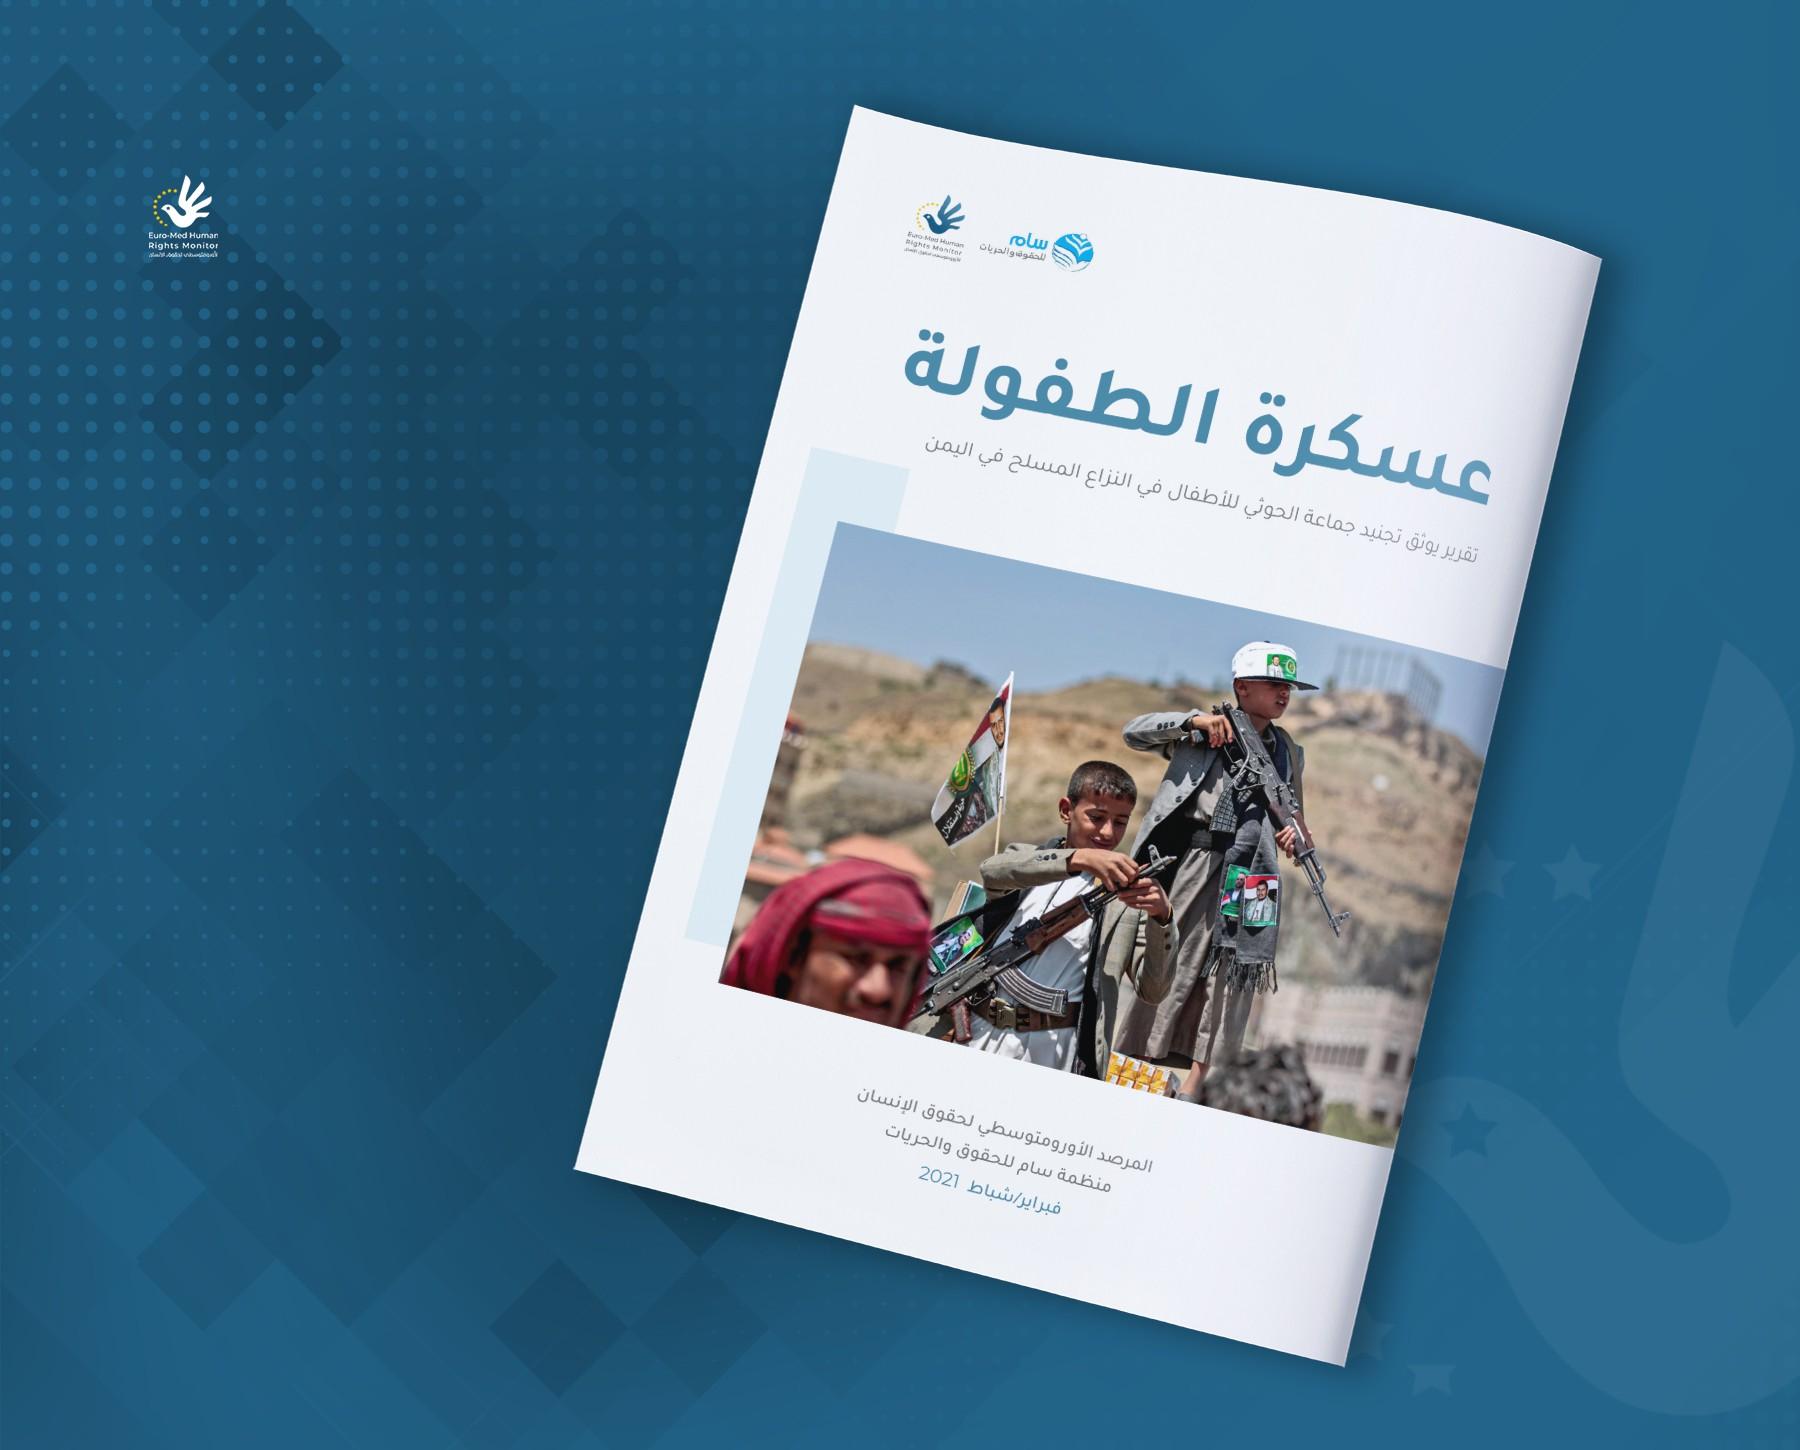 تقرير للأورومتوسطي وسام: جماعة الحوثي تجنّد أكثر من 10 آلاف طفل في اليمن